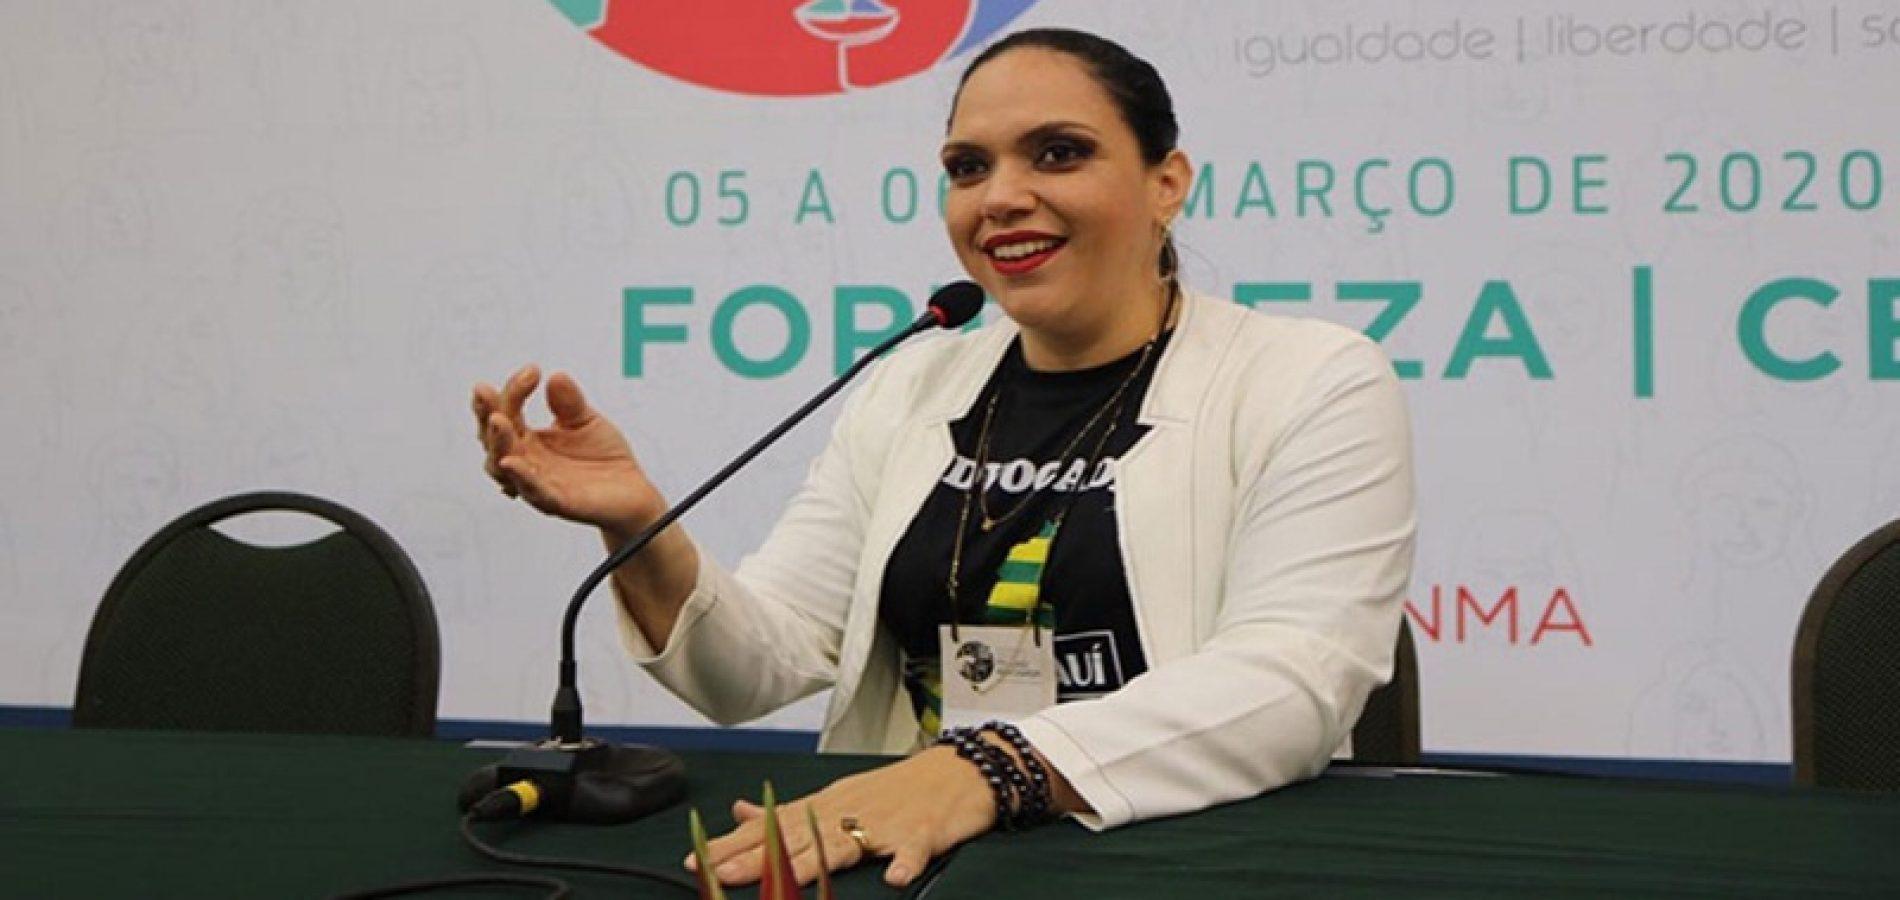 Ouvidora da OAB é internada com suspeita de coronavírus e faz alerta por ter participado de eventos em Picos e mais 3 cidades